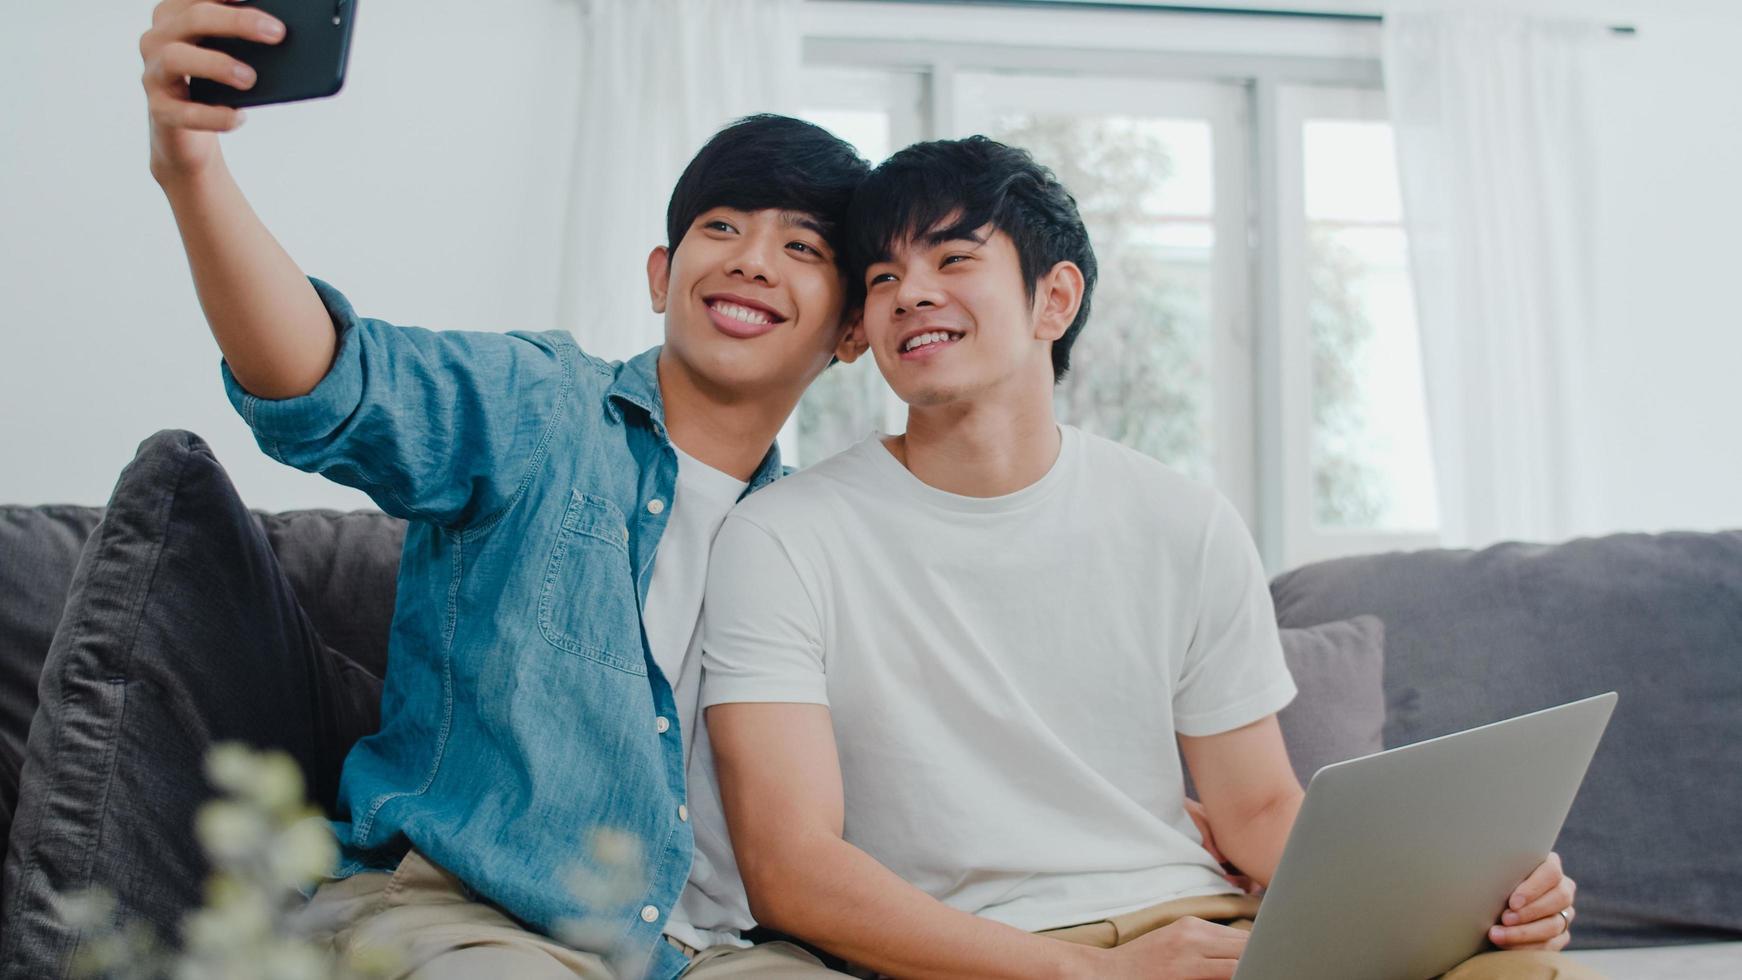 joven pareja gay se toma una selfie en casa. foto